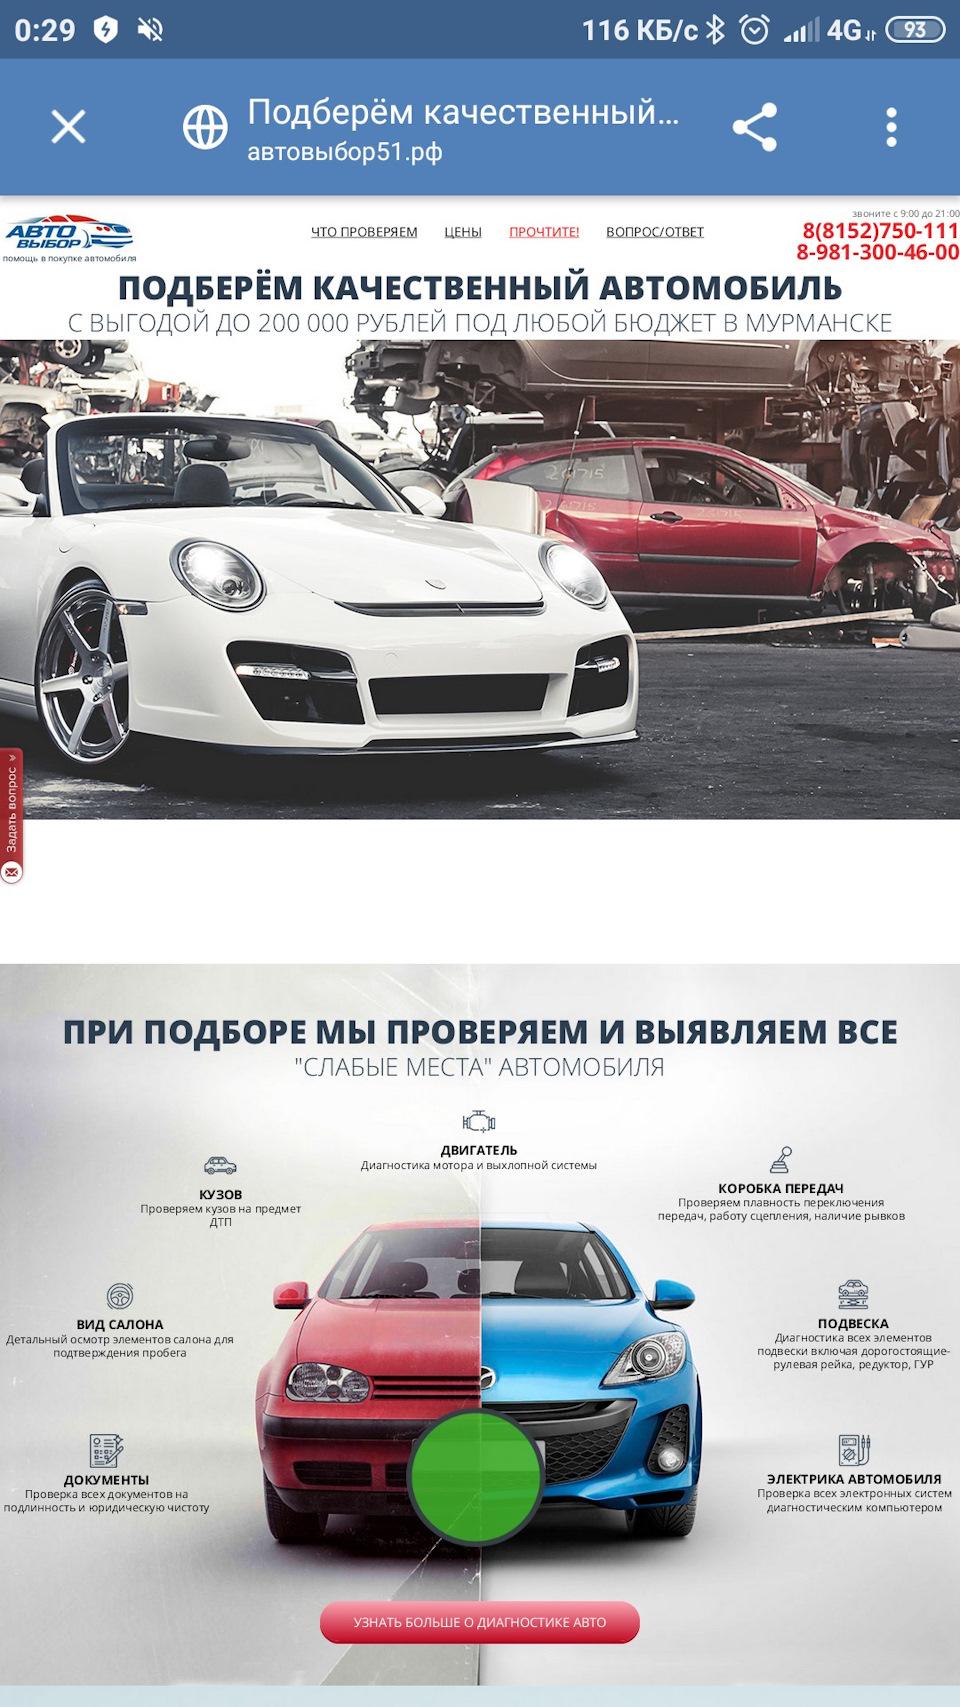 отзывы о автосалонах бу авто в москве